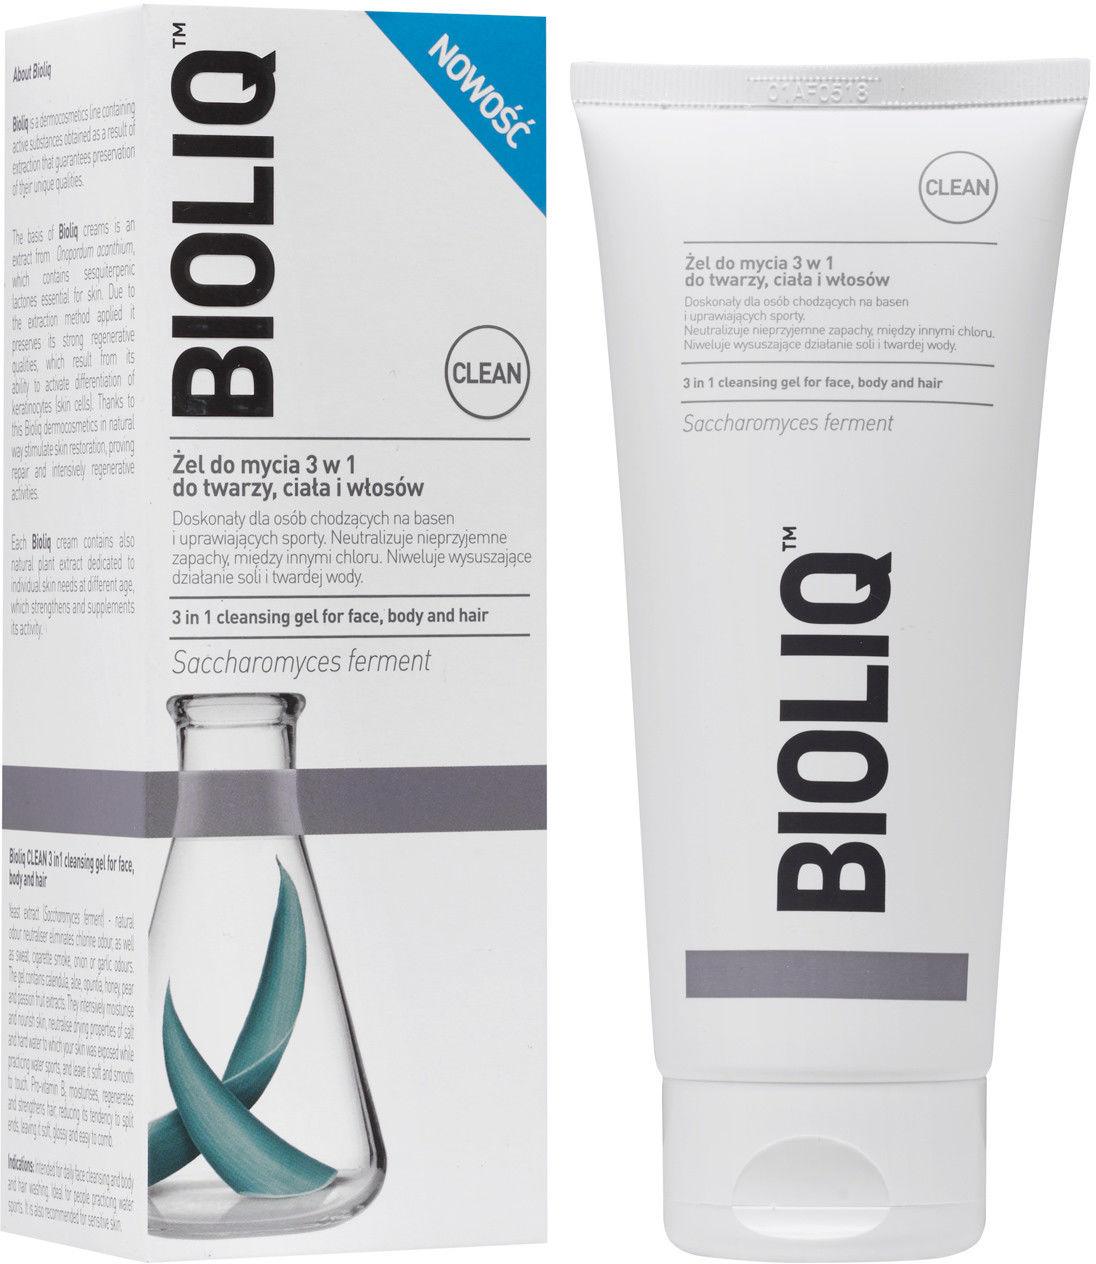 Bioliq clean żel 3w1 do mycia 180 ml